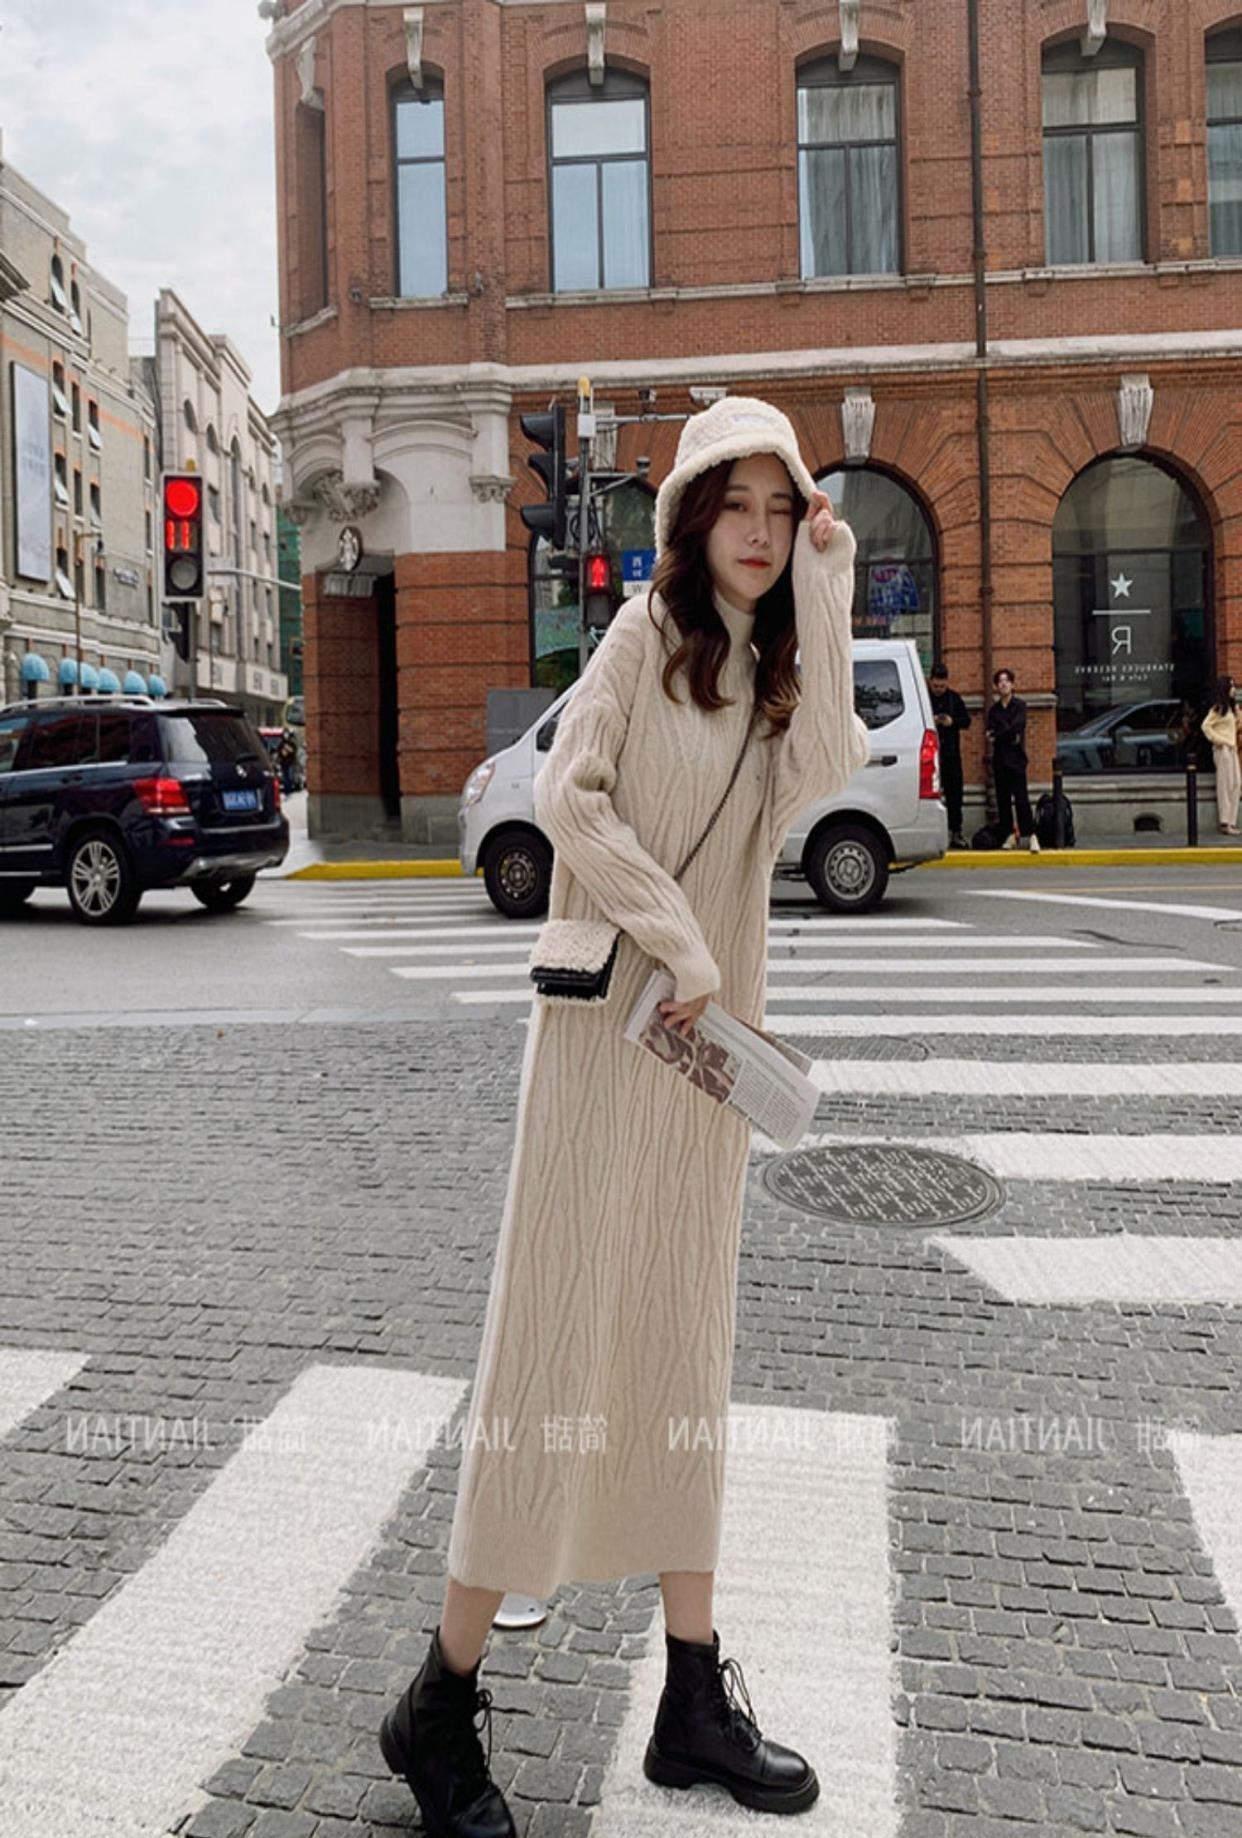 中國代購 中國批發-ibuy99 配的搭打底针织内法式大衣2020年新款香风小连衣裙子女秋冬季毛衣